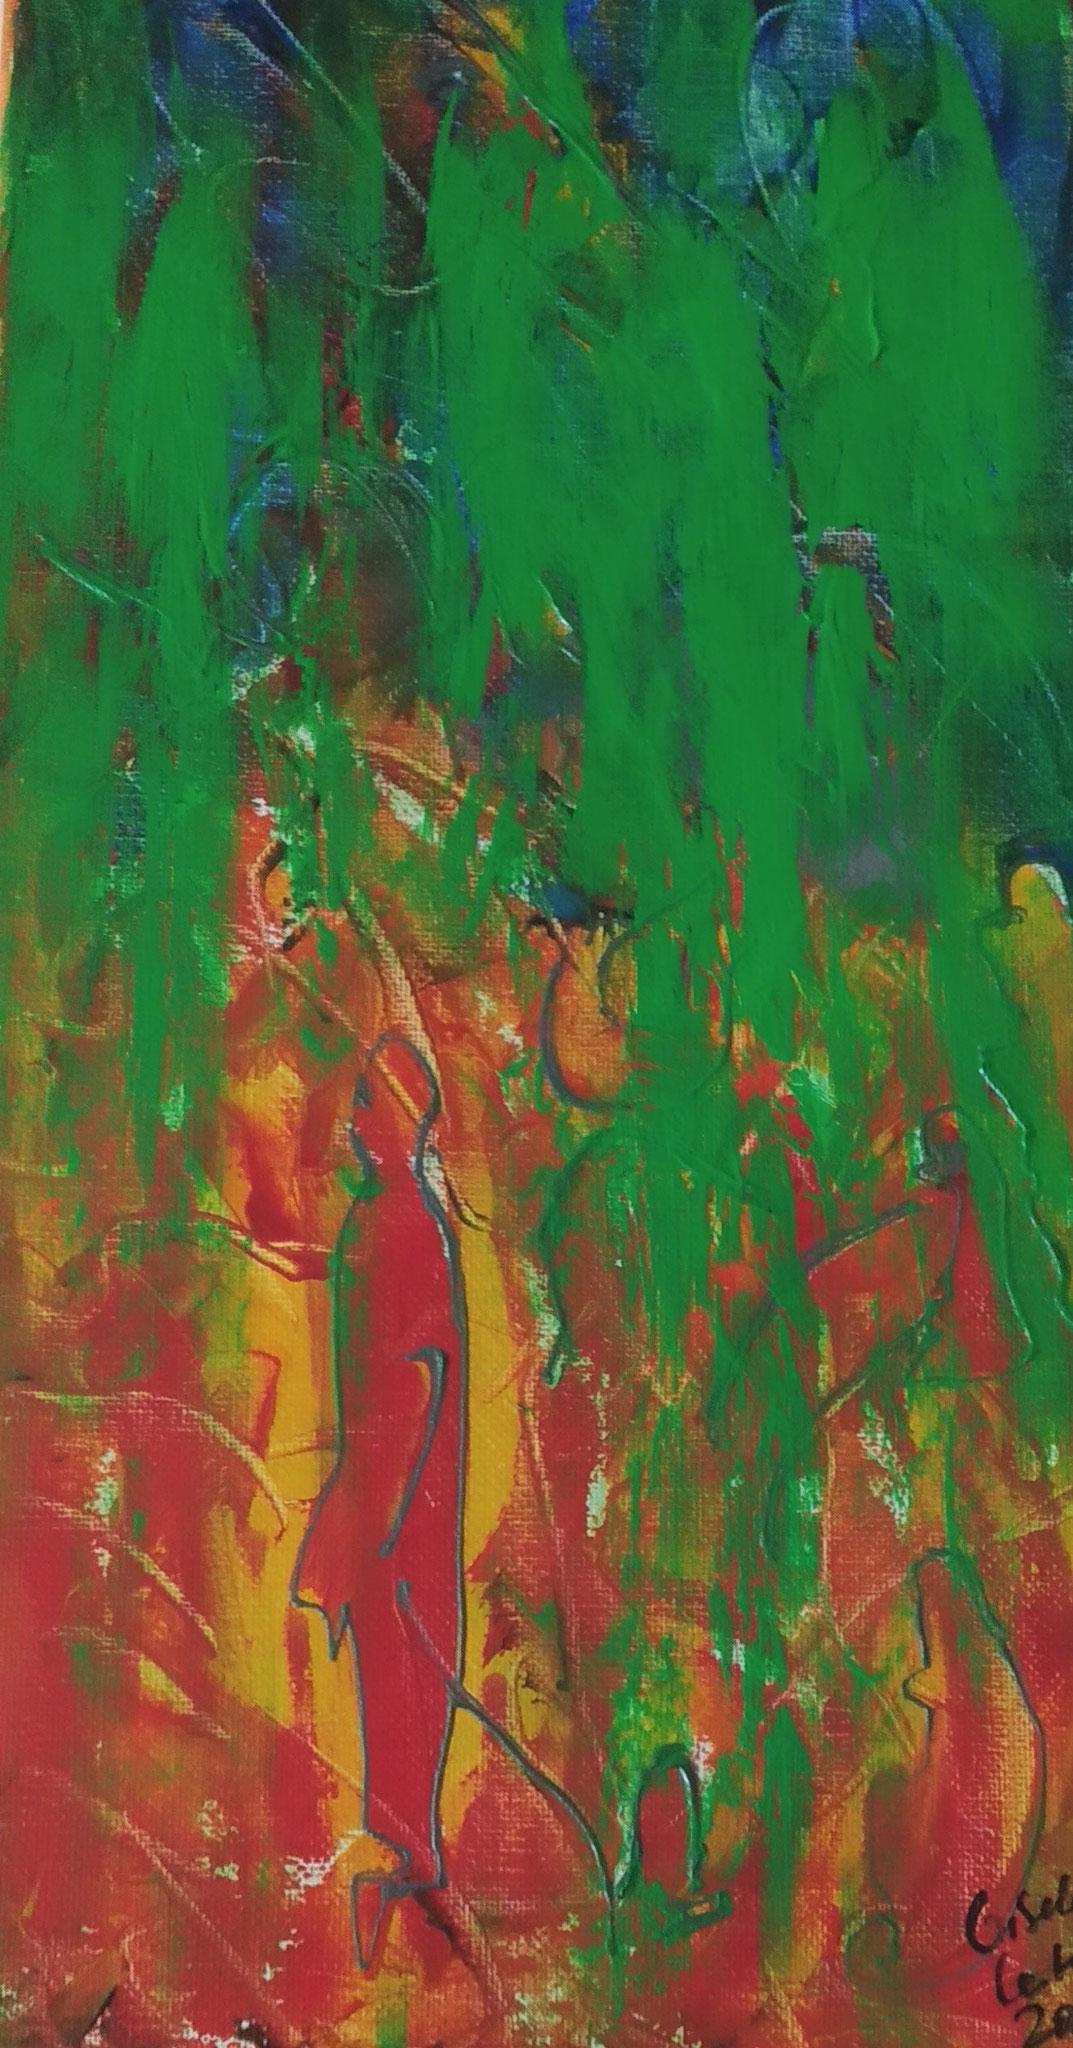 15. Reinigung der weiblichen Seite, Acryl auf Leinwand, Grösse 20 x 40 cm